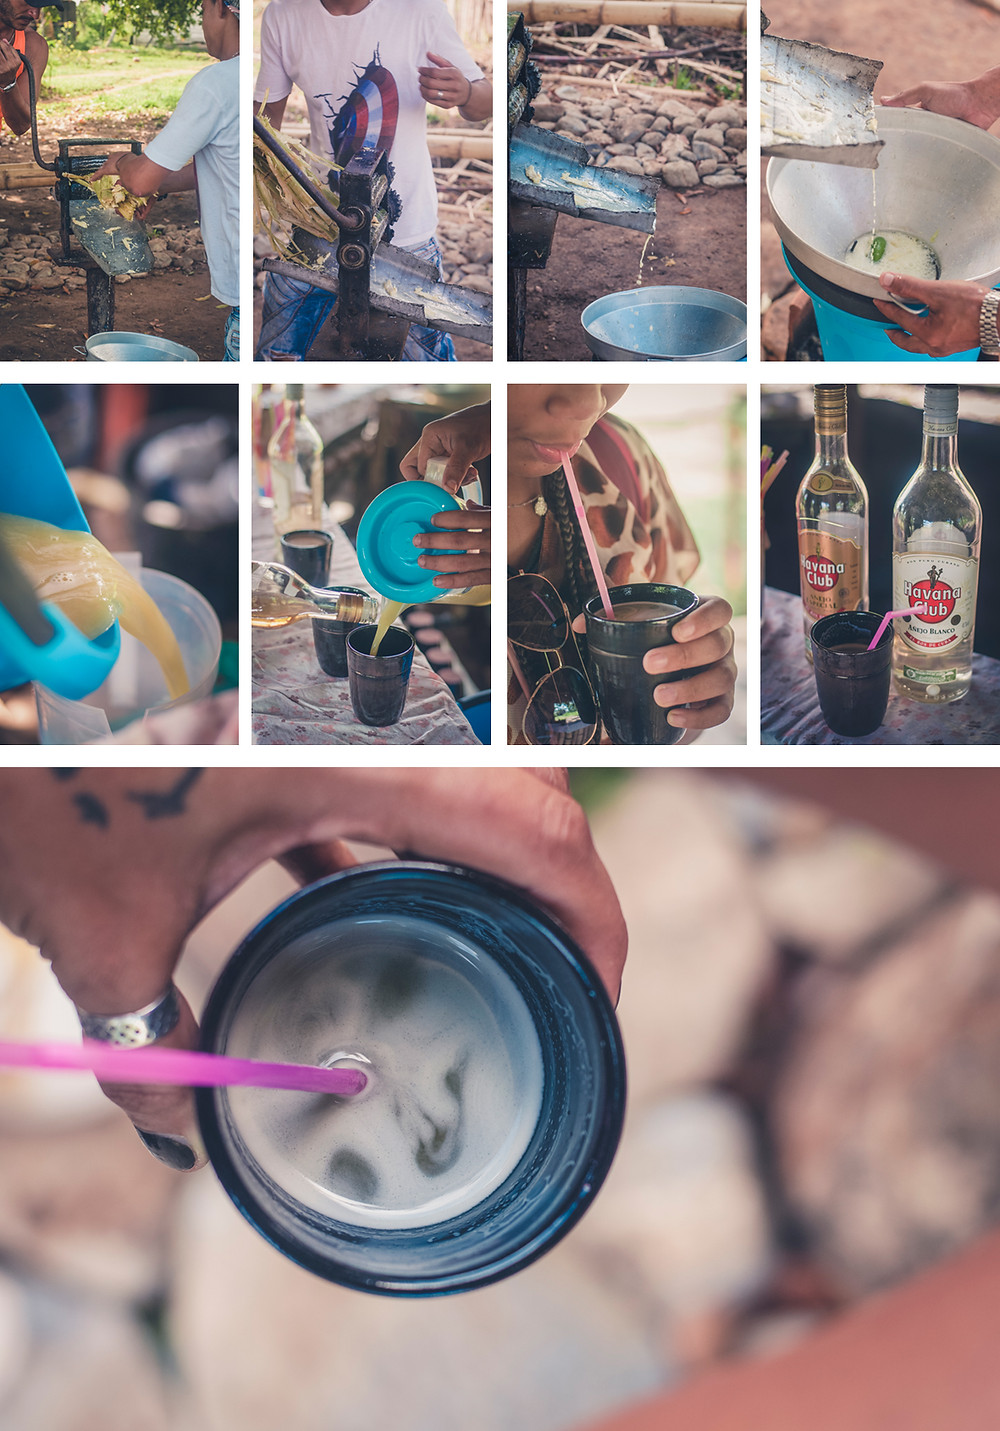 Jus de canne à sucre - Trinidad - Cuba